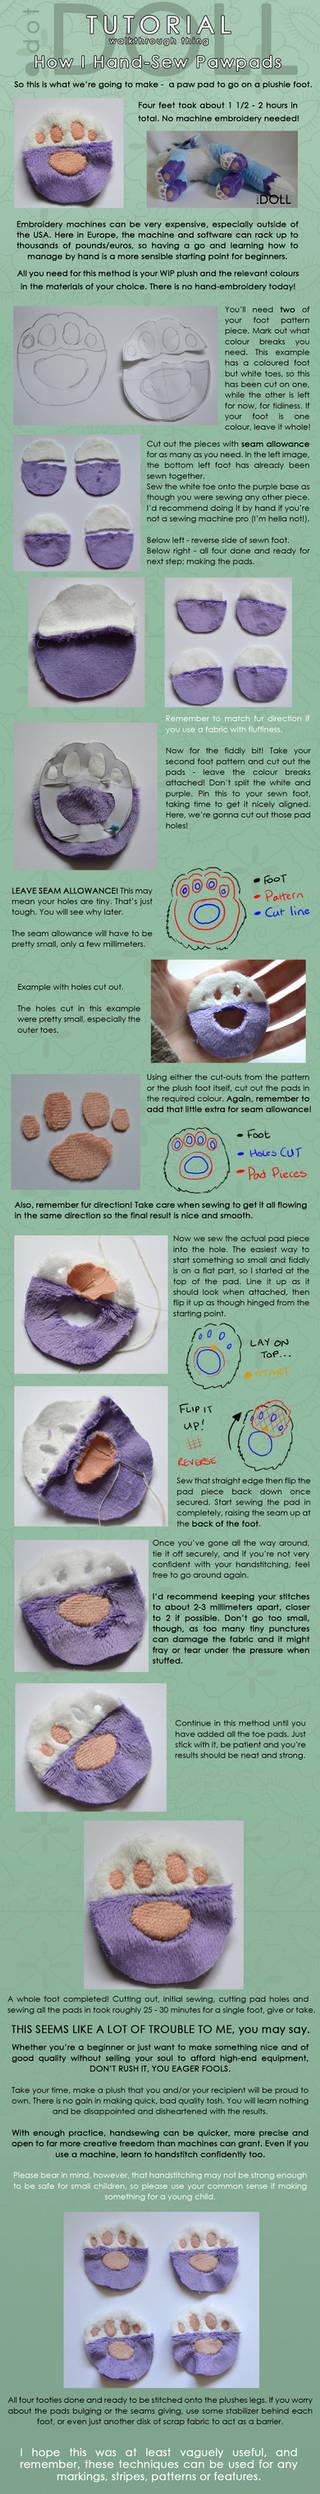 How I hand-stitch Paw Pads